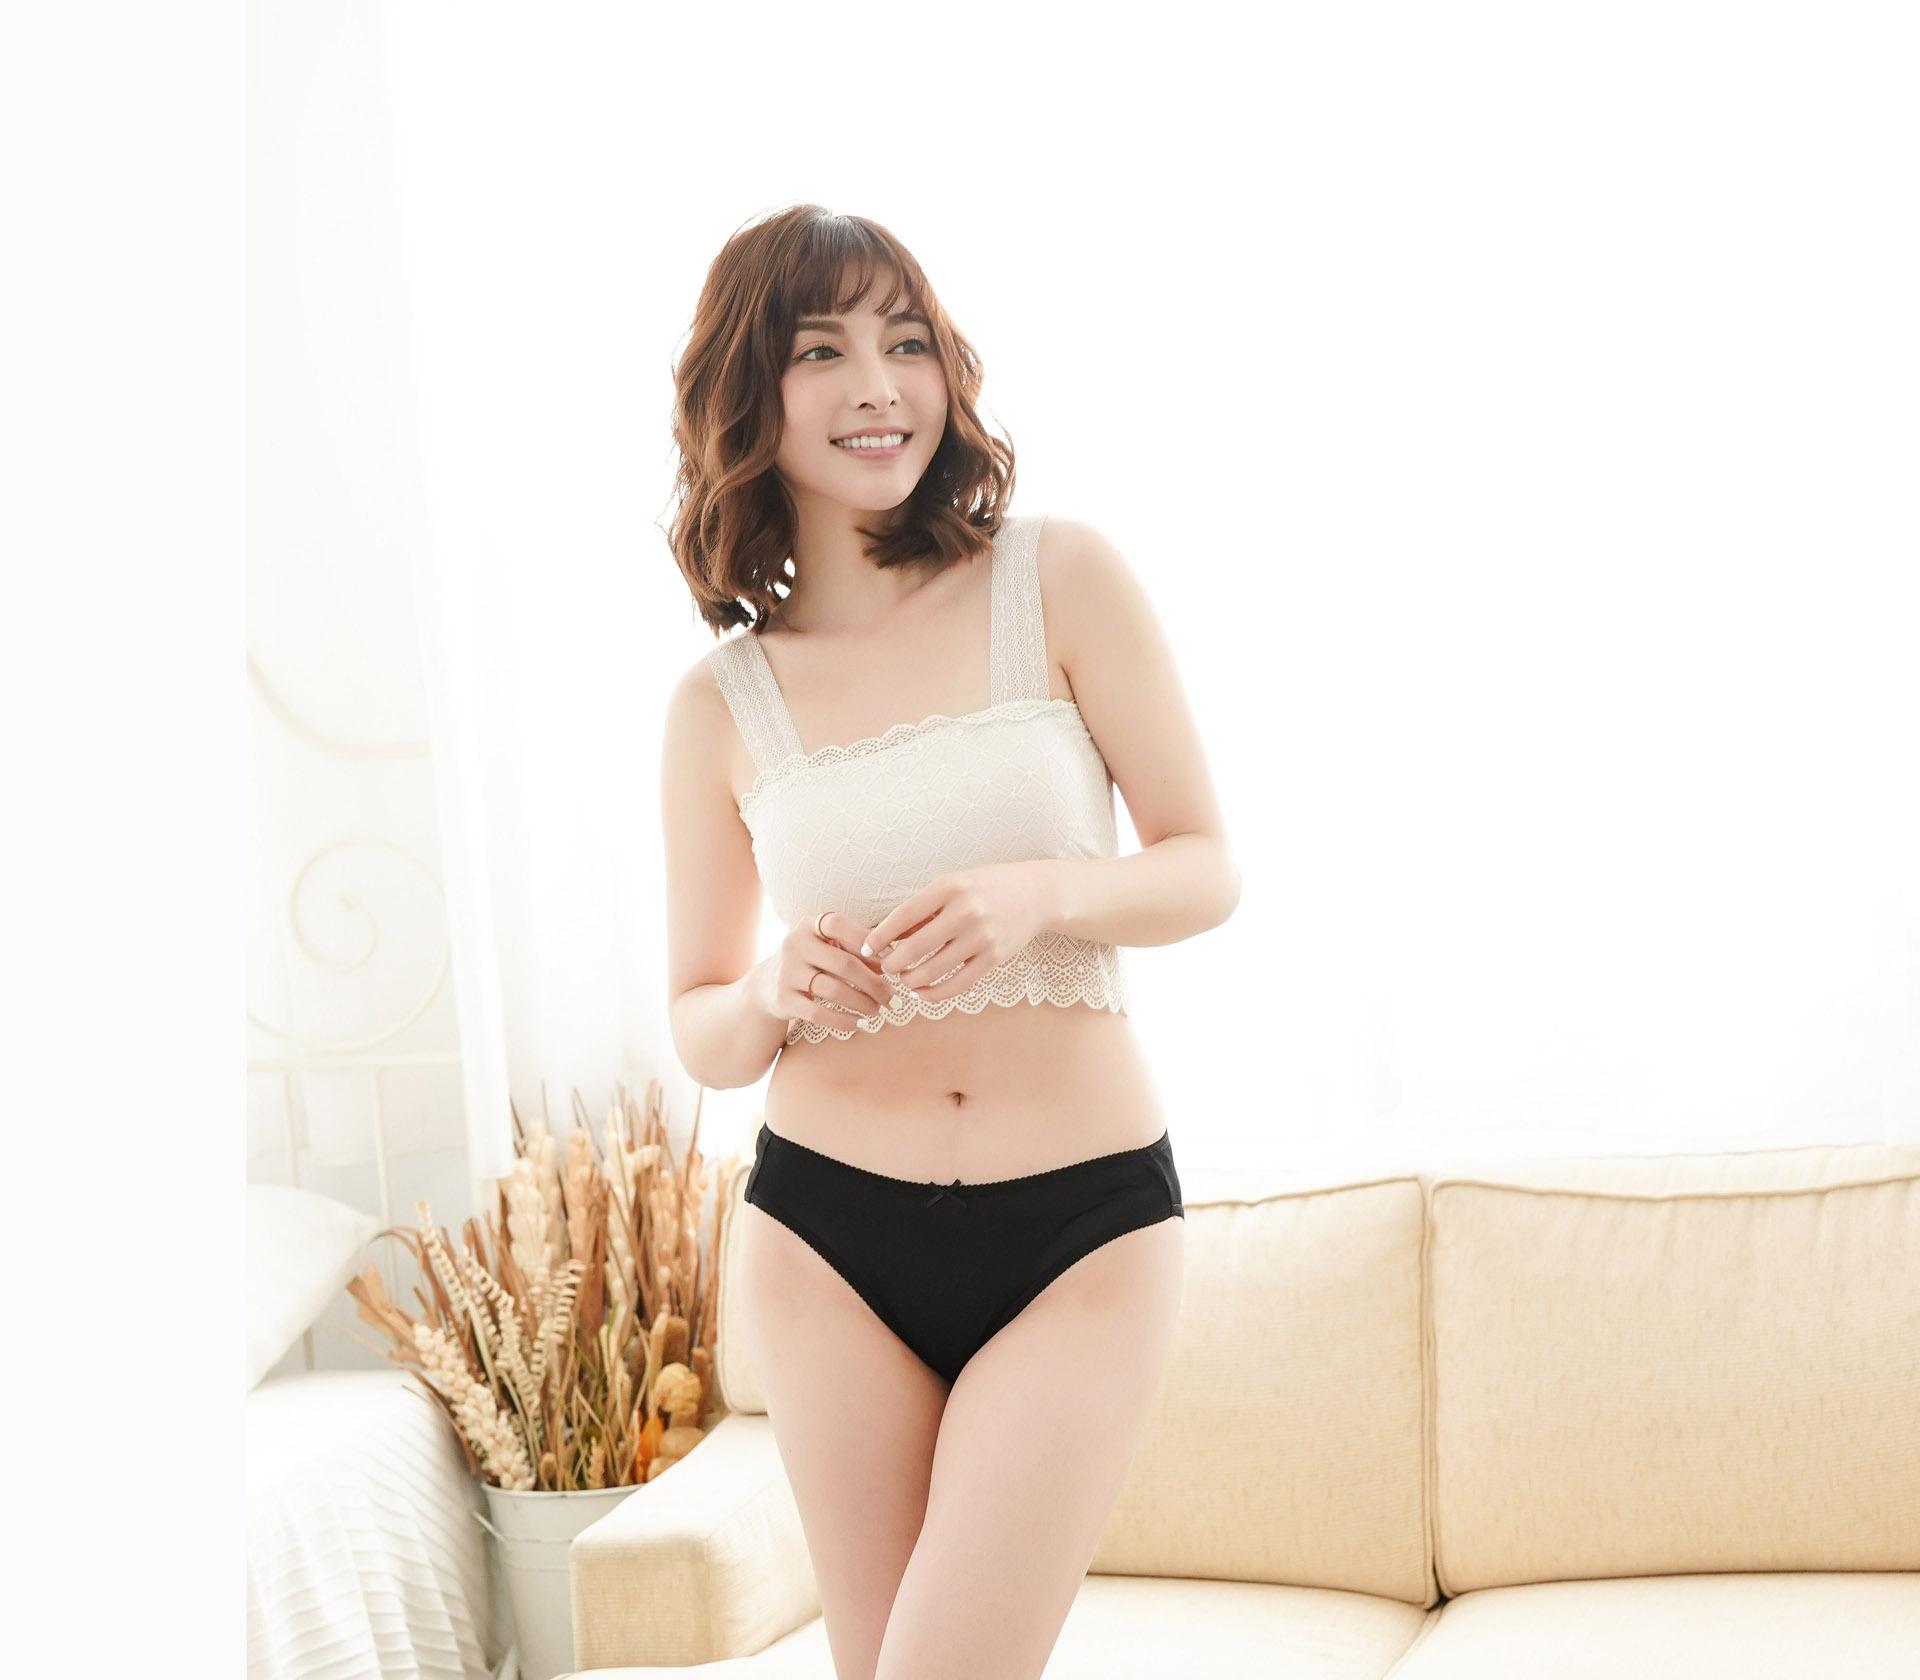 闕蘭絹32針超涼春蠶100%蠶絲內褲-88112-1(黑)